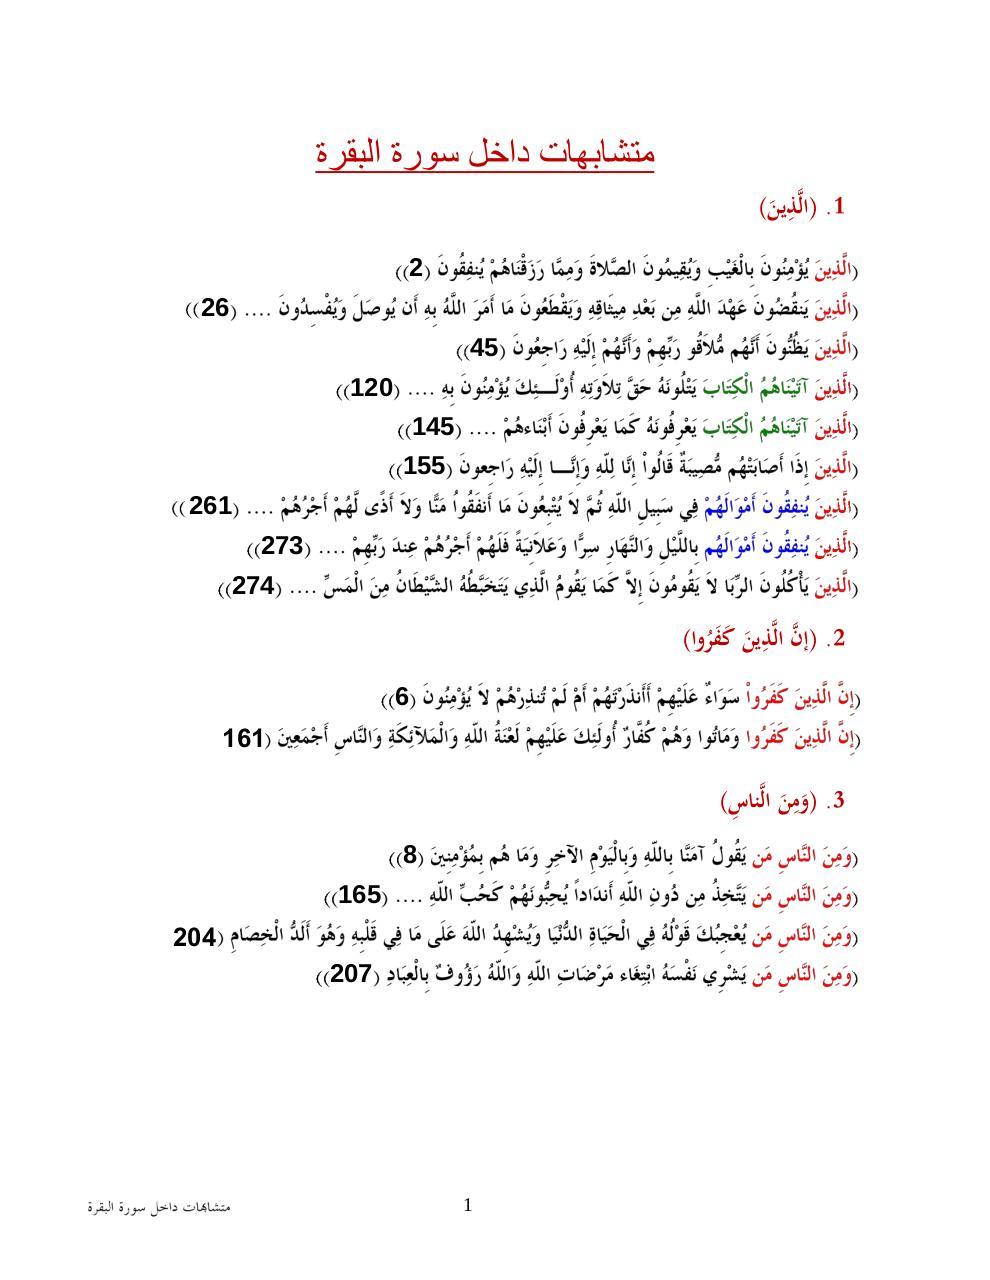 متشابهات سورة البقرة Par Hany Fichier Pdf